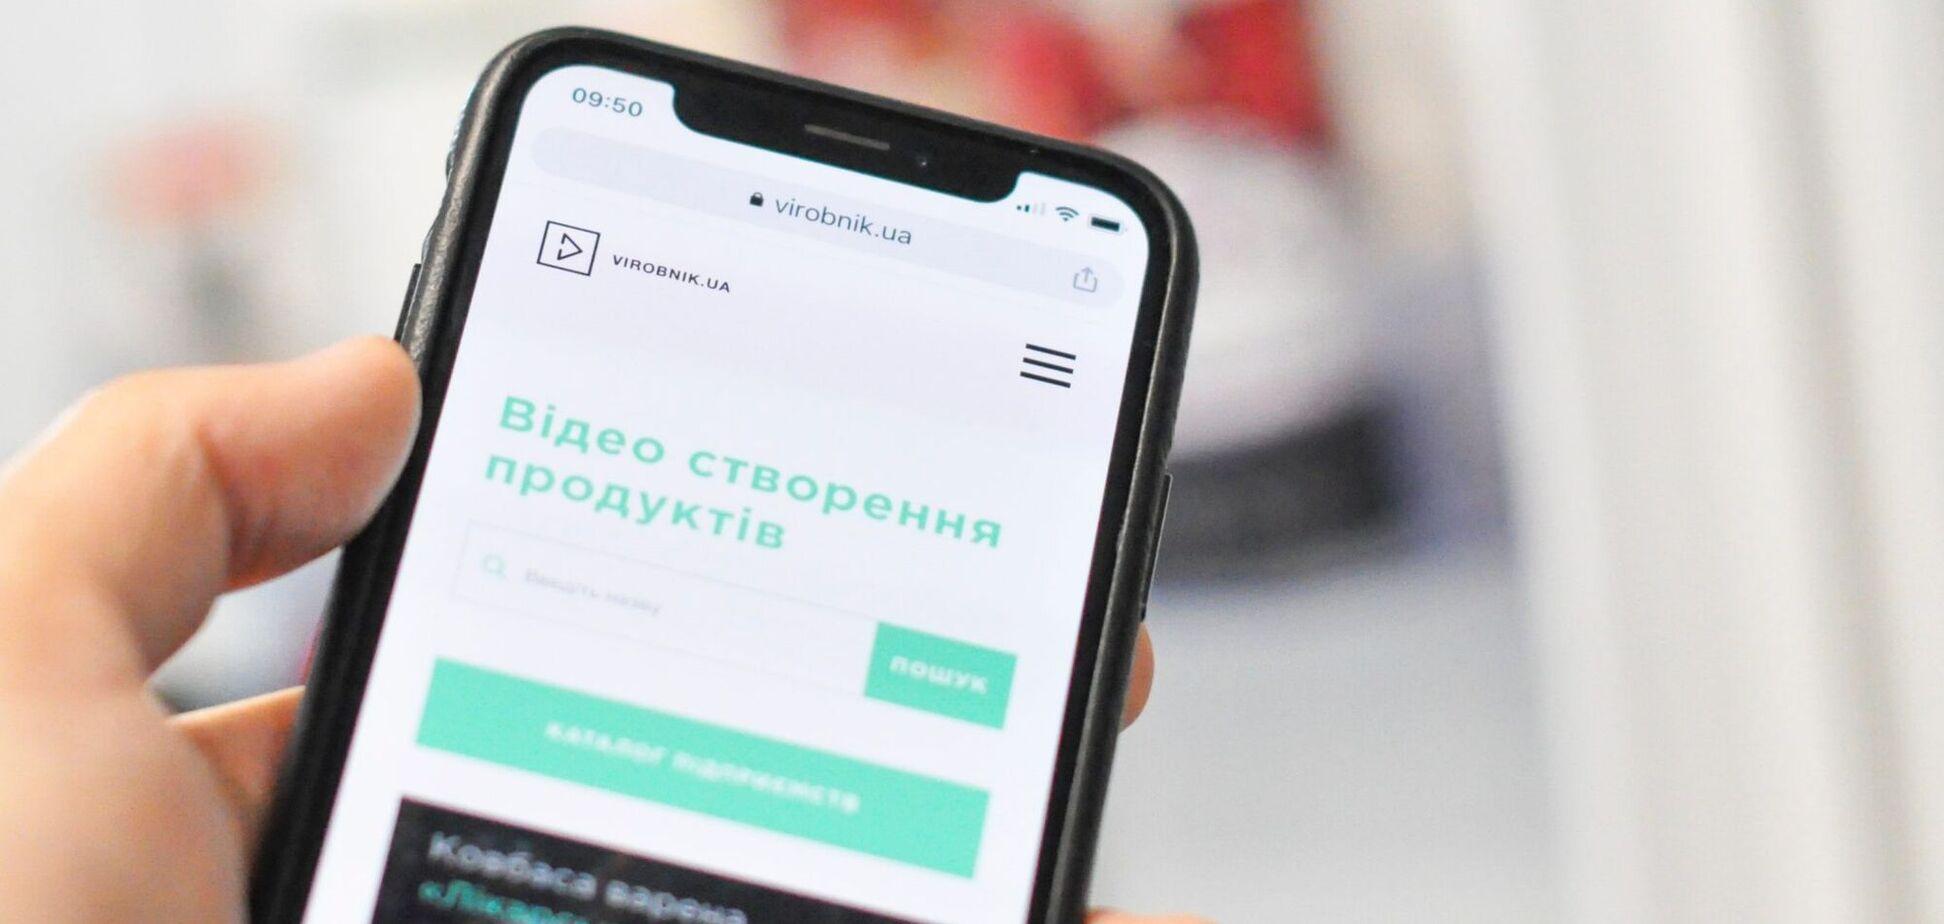 Украинский стартап Virobnik.ua за полгода завоевал доверие: почему к проекту присоединяются известные компании